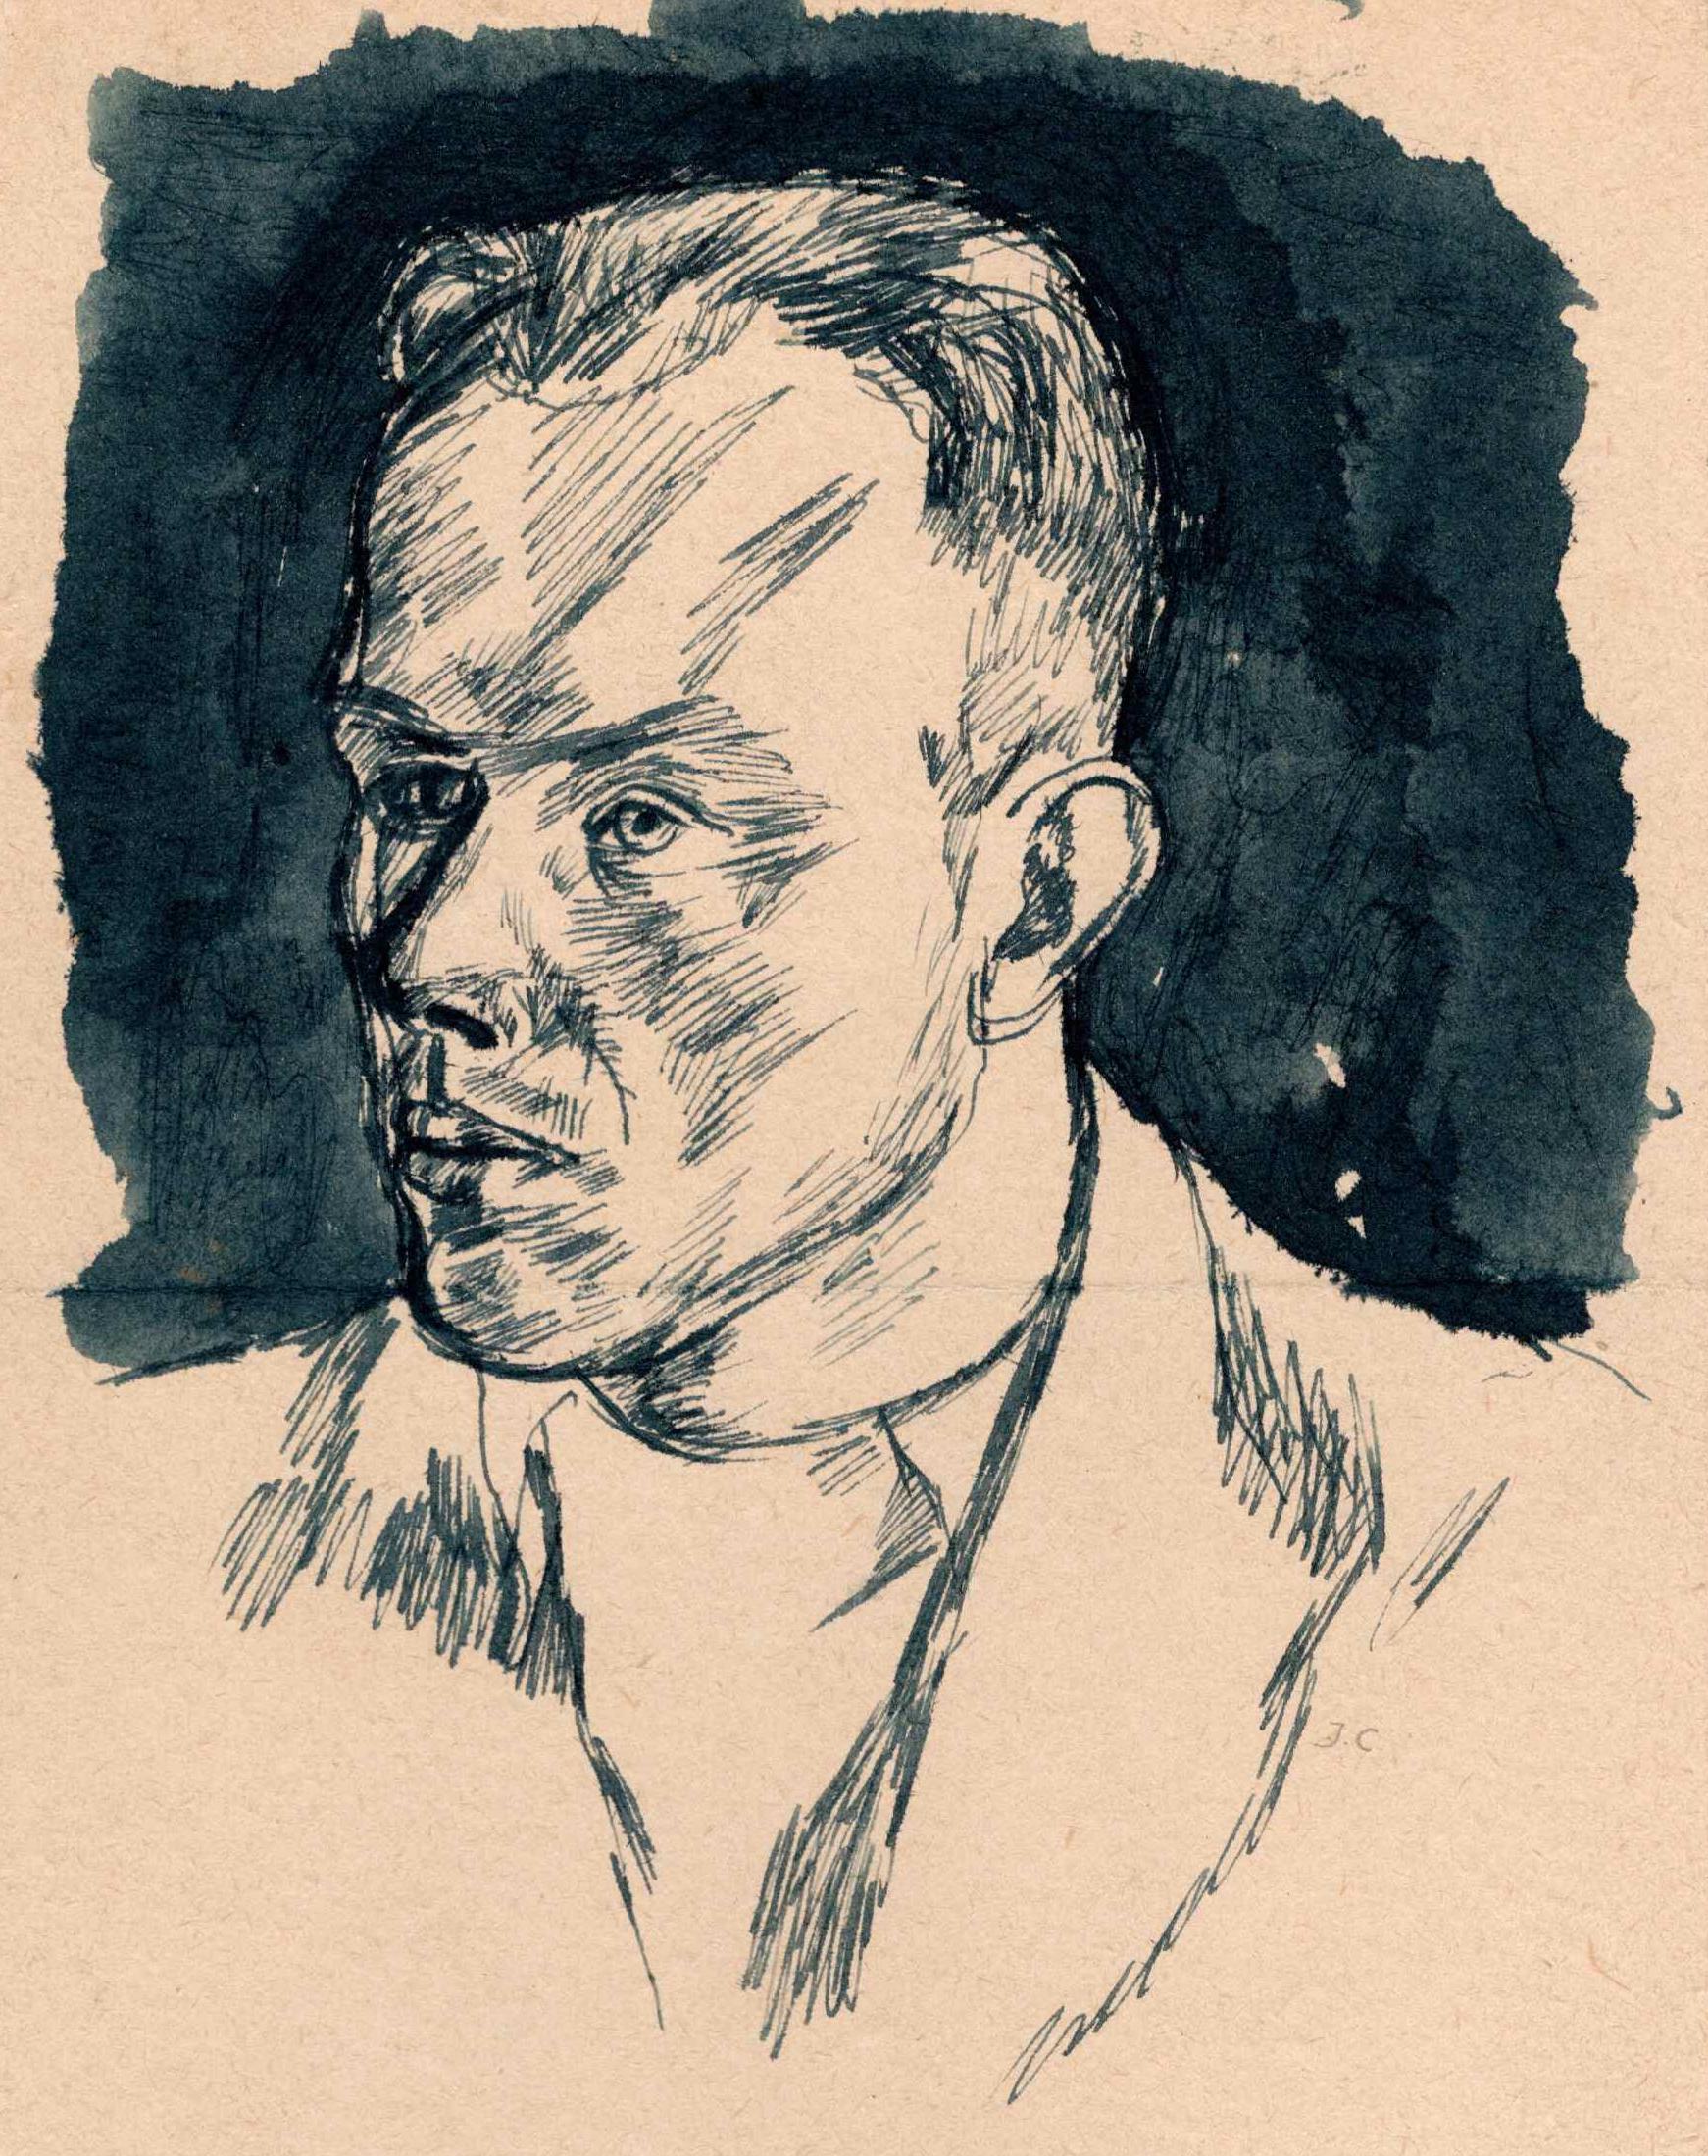 Portret przedstawiający Aleksandra Witliba podpiany jako portret nieudany. Józef Czapski, obóz wGriazowcu, 1941